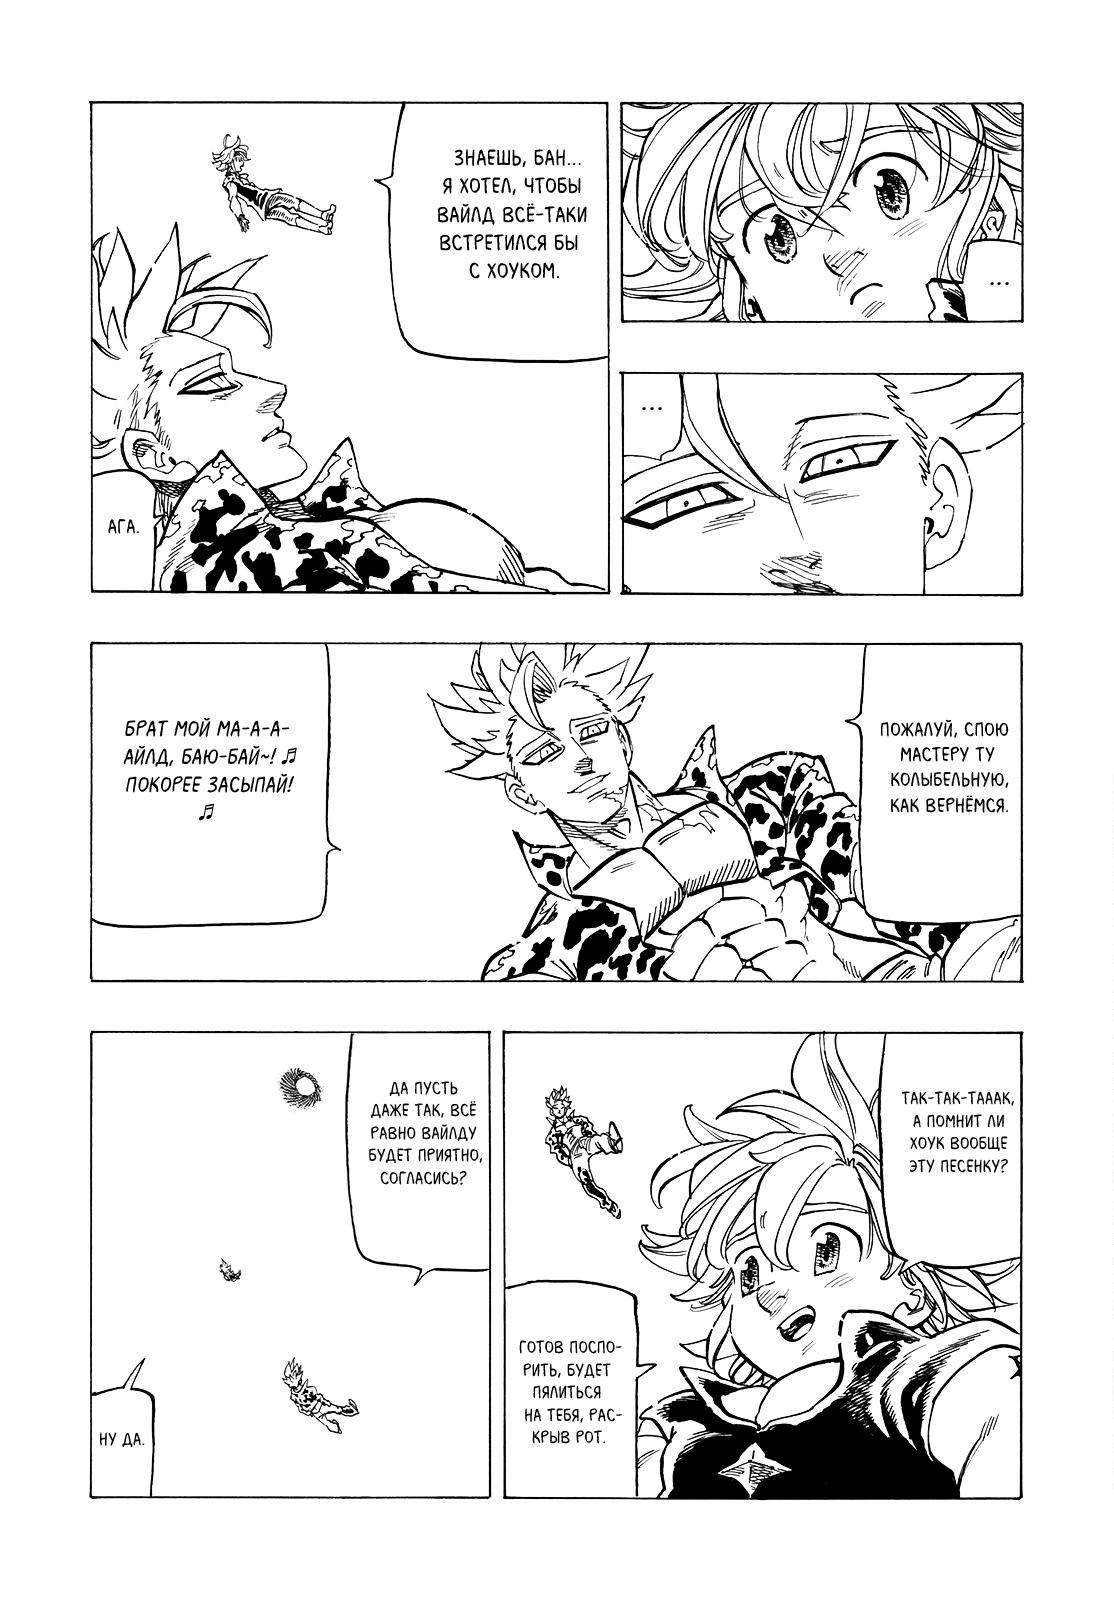 https://r1.ninemanga.com/comics/pic2/29/22109/1111022/1540416507461.png Page 3